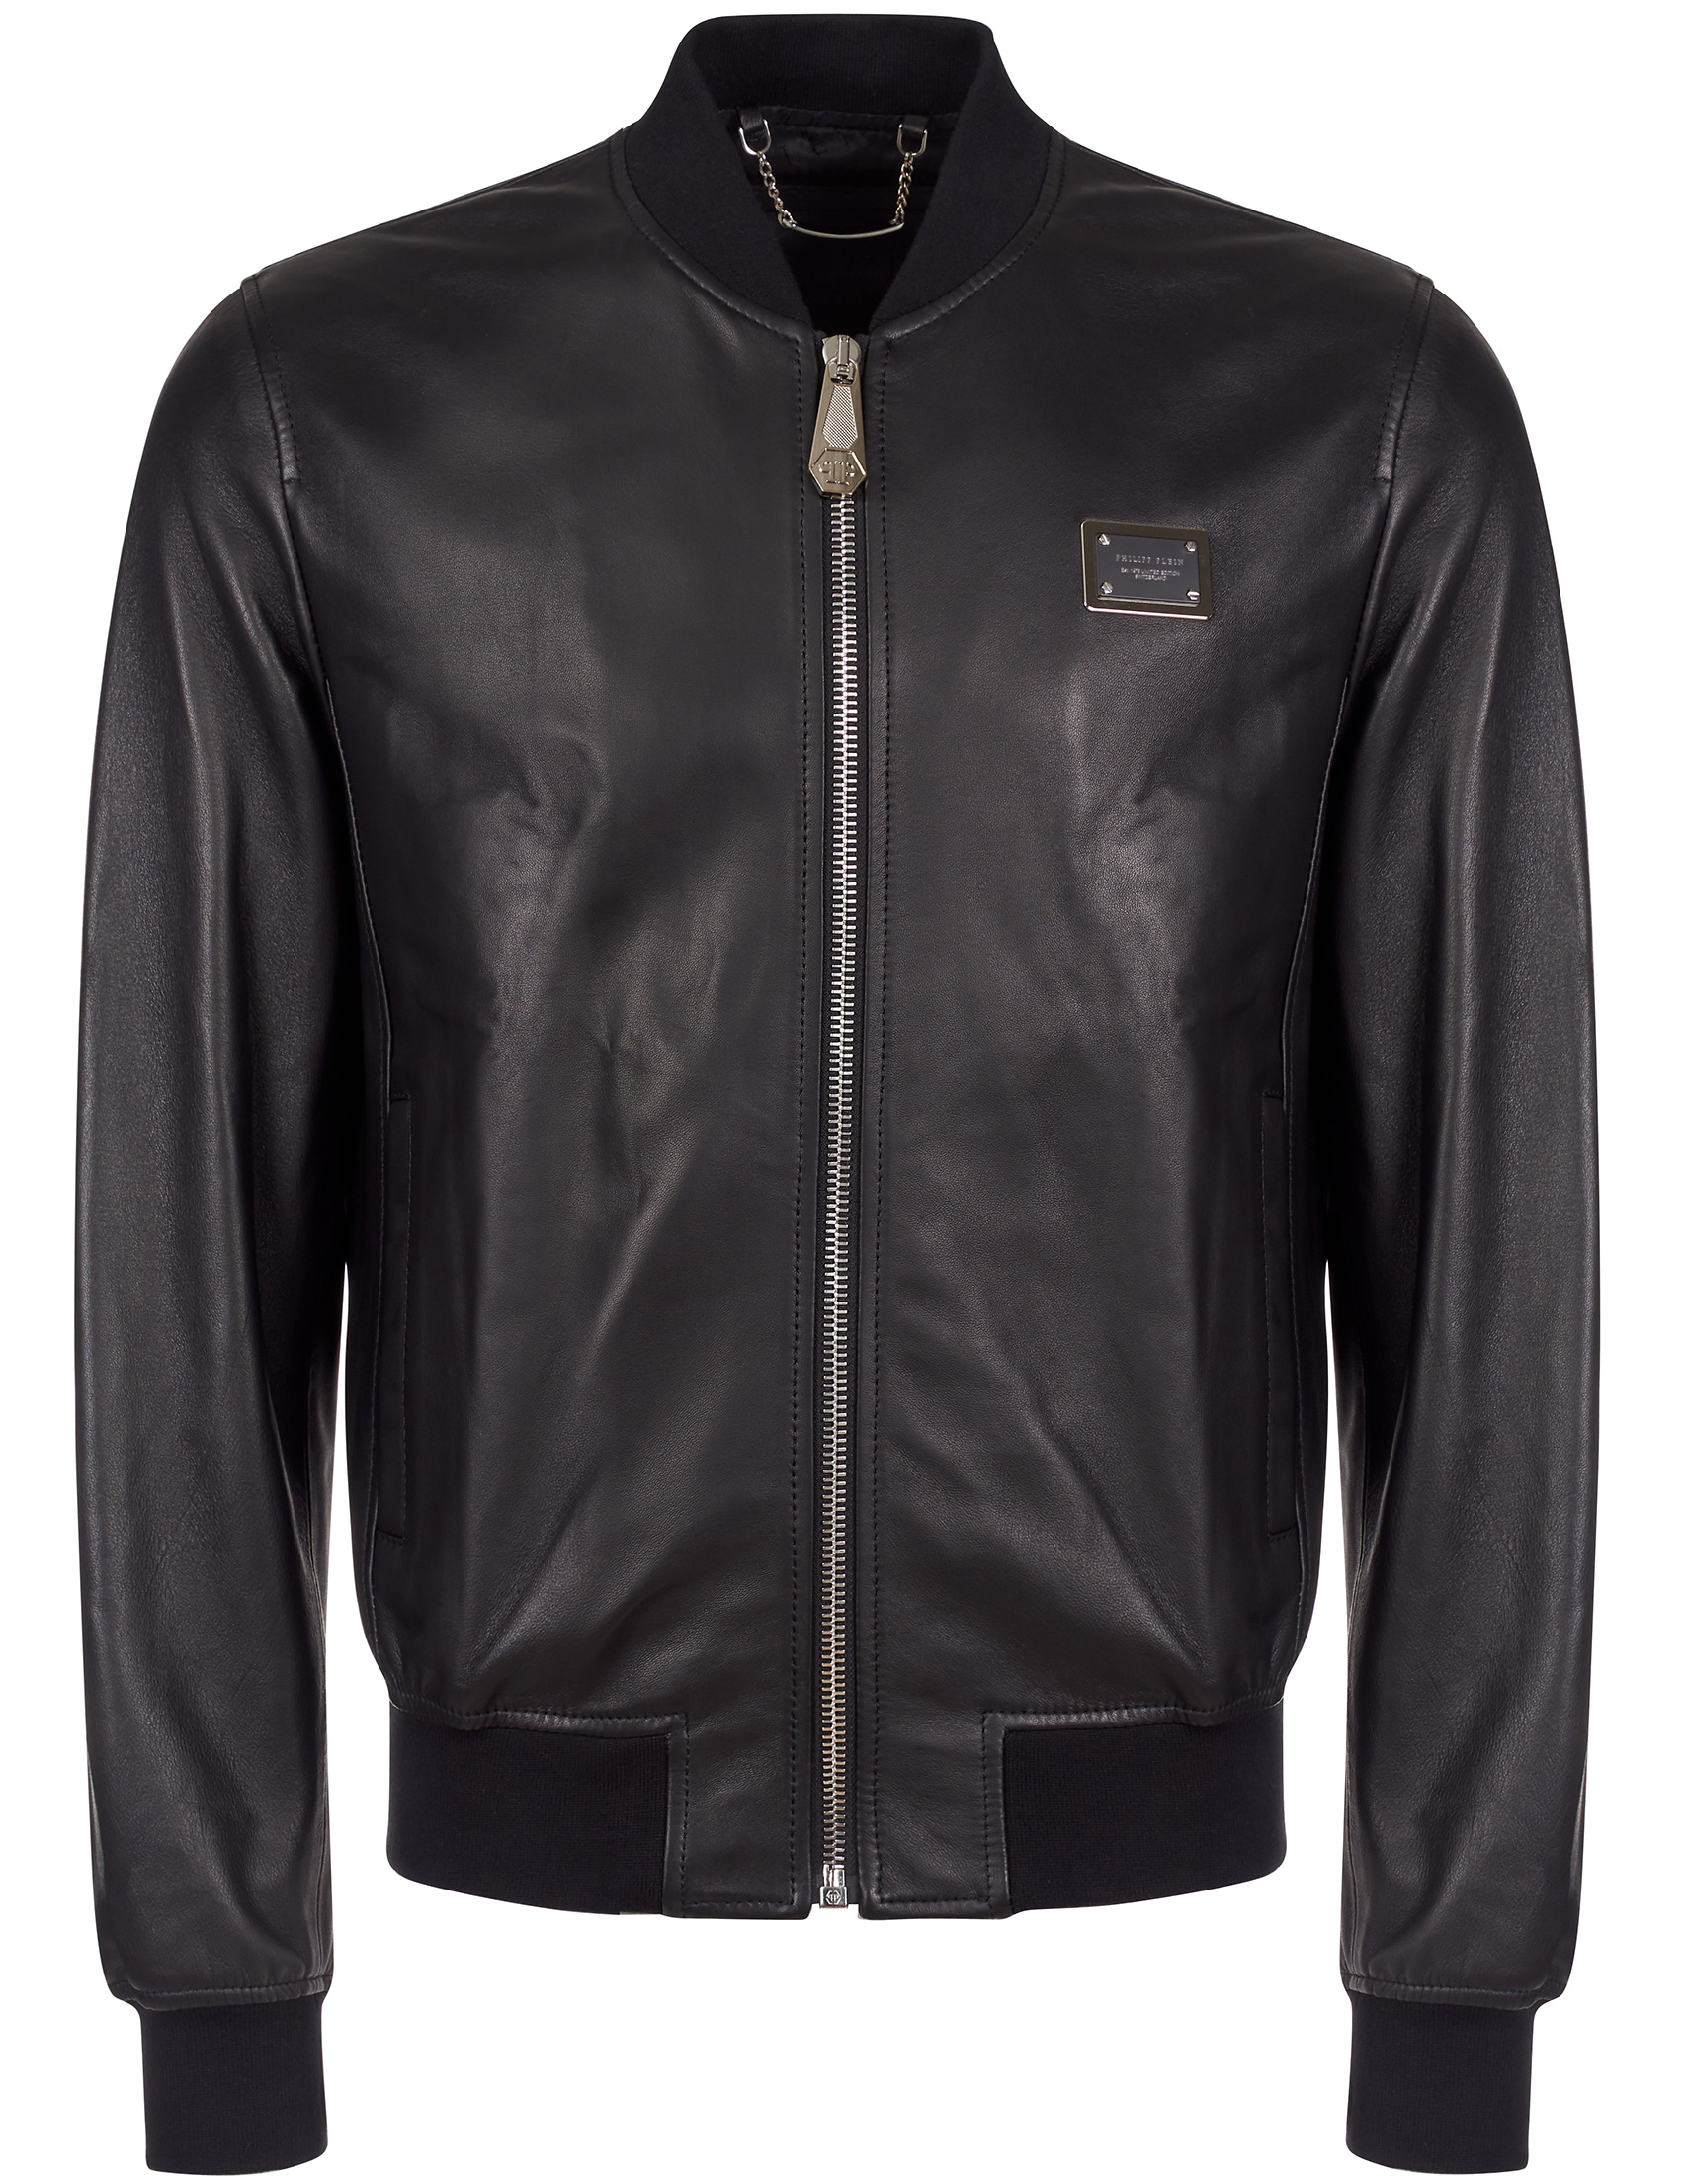 Купить Куртки, Куртка, PHILIPP PLEIN, Черный, 100%Кожа;51%Вискоза 49%Ацетат, Осень-Зима